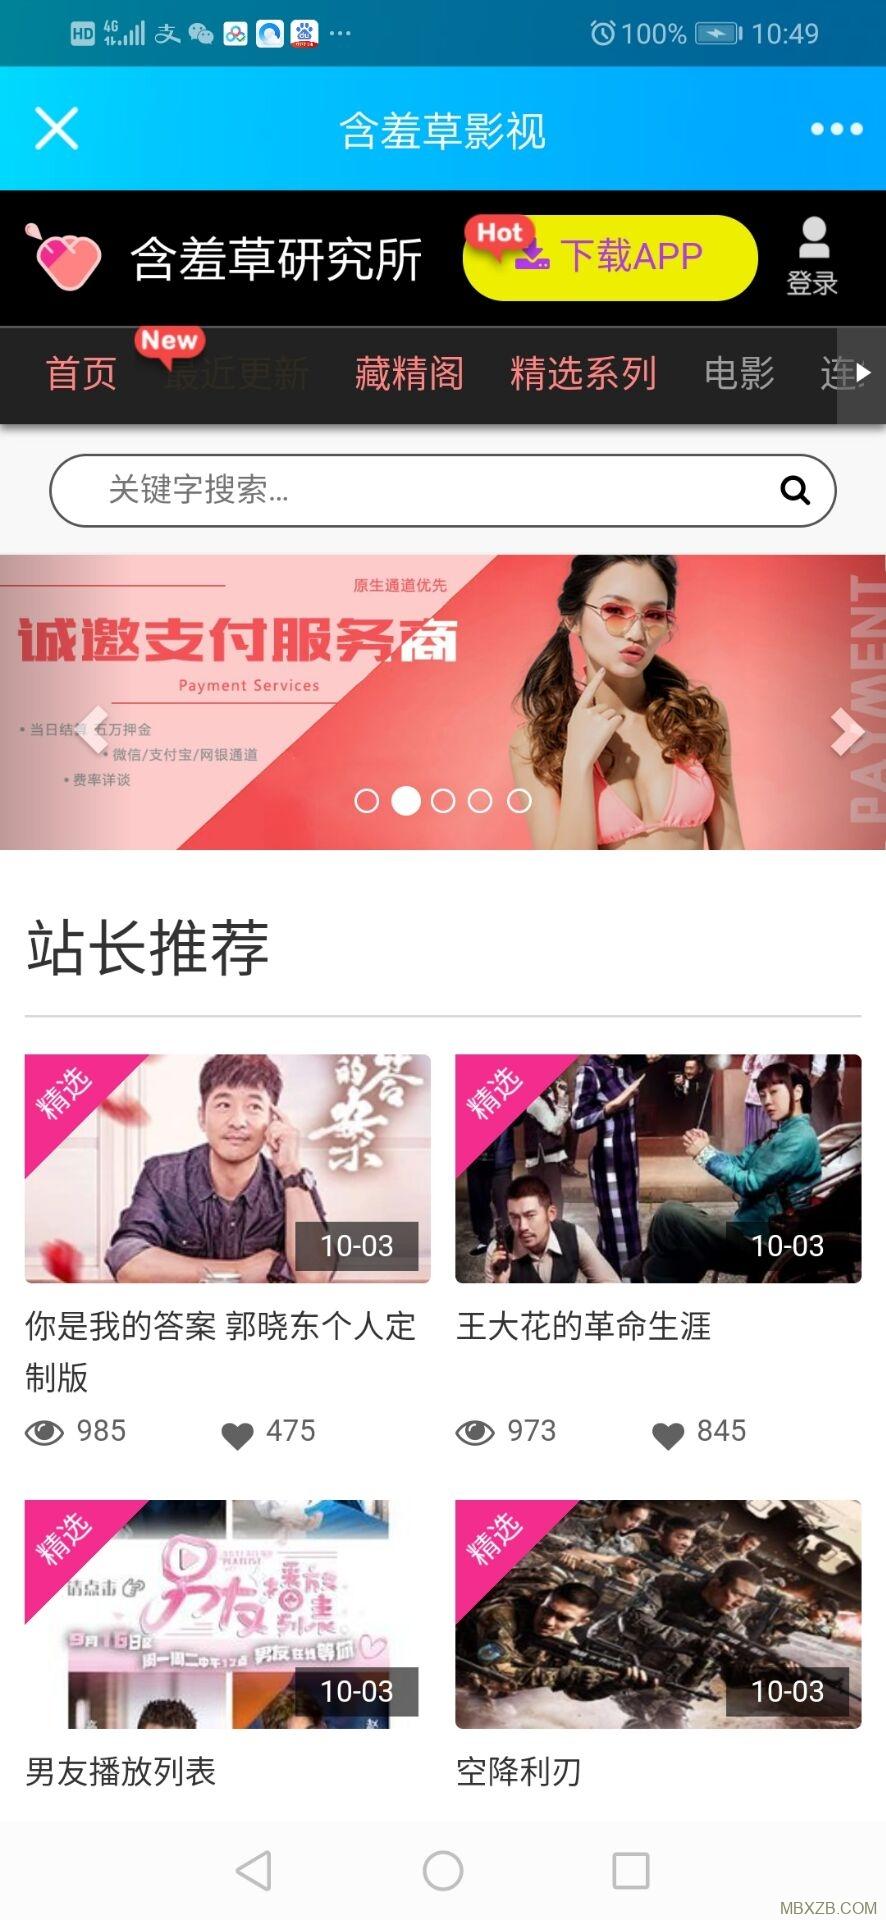 含羞草实习所_二开苹果cms视频网站源码模板_可封装双端app